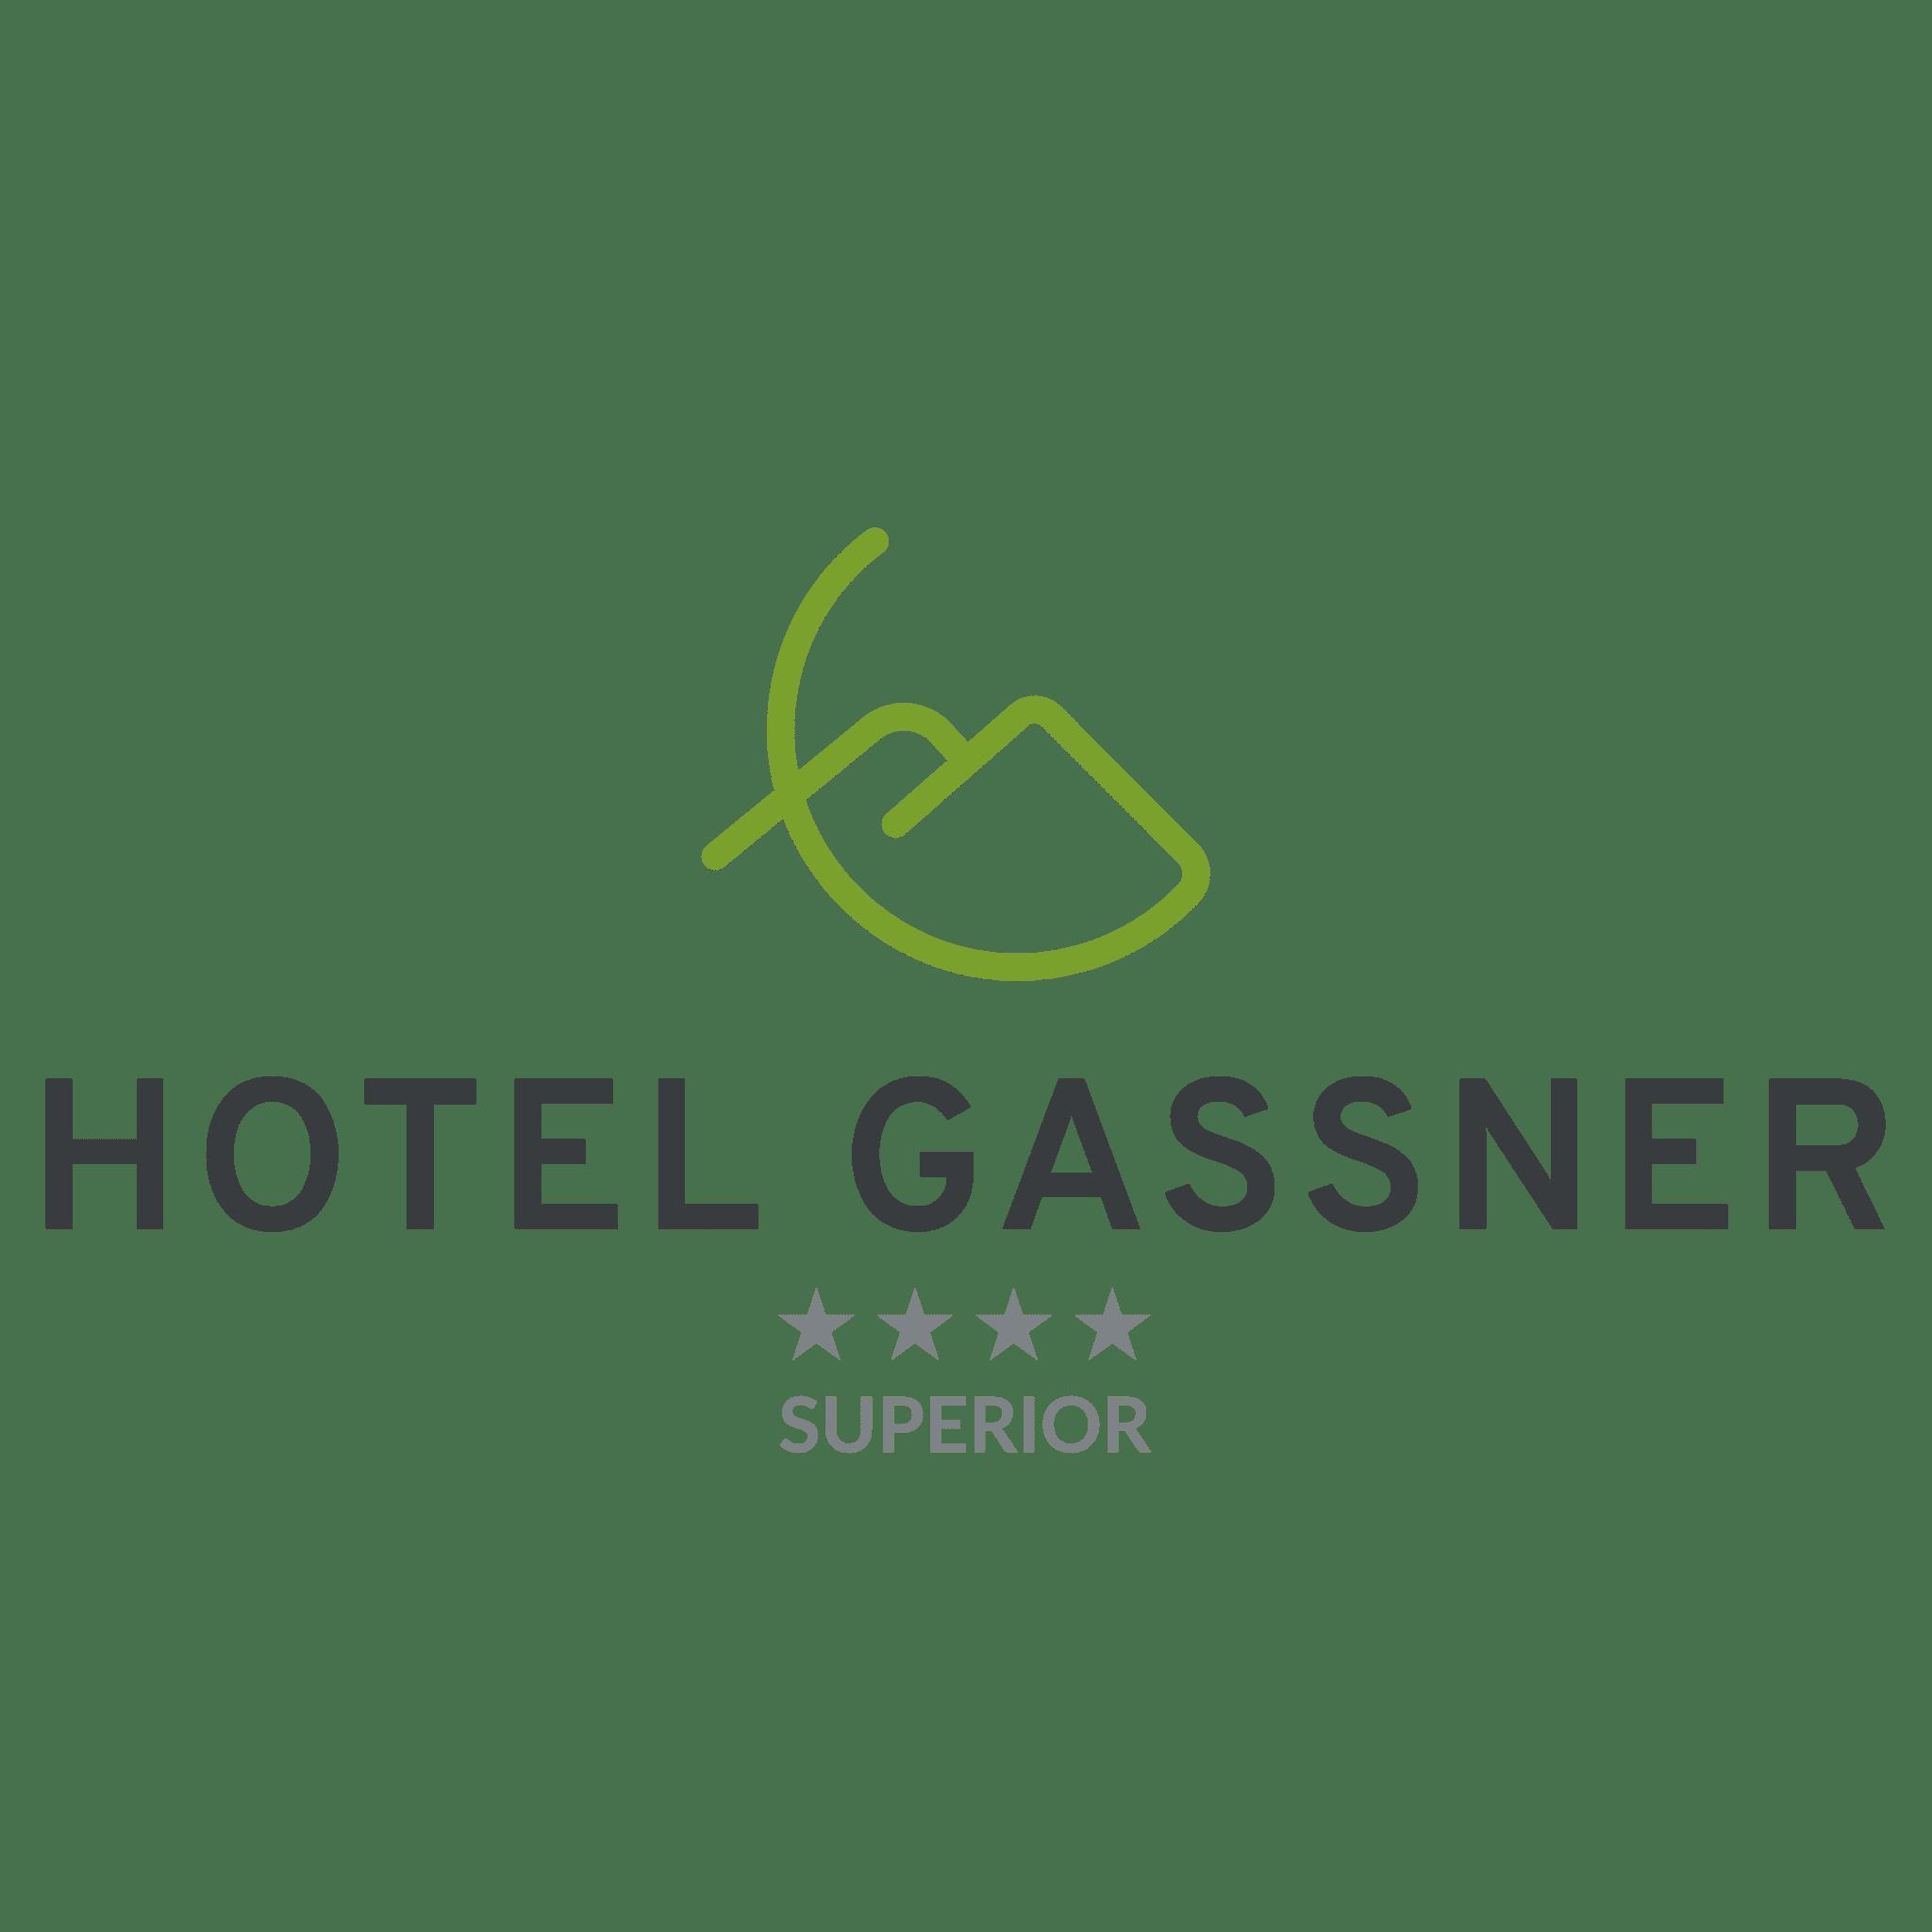 2c_hotel_gassner (1)